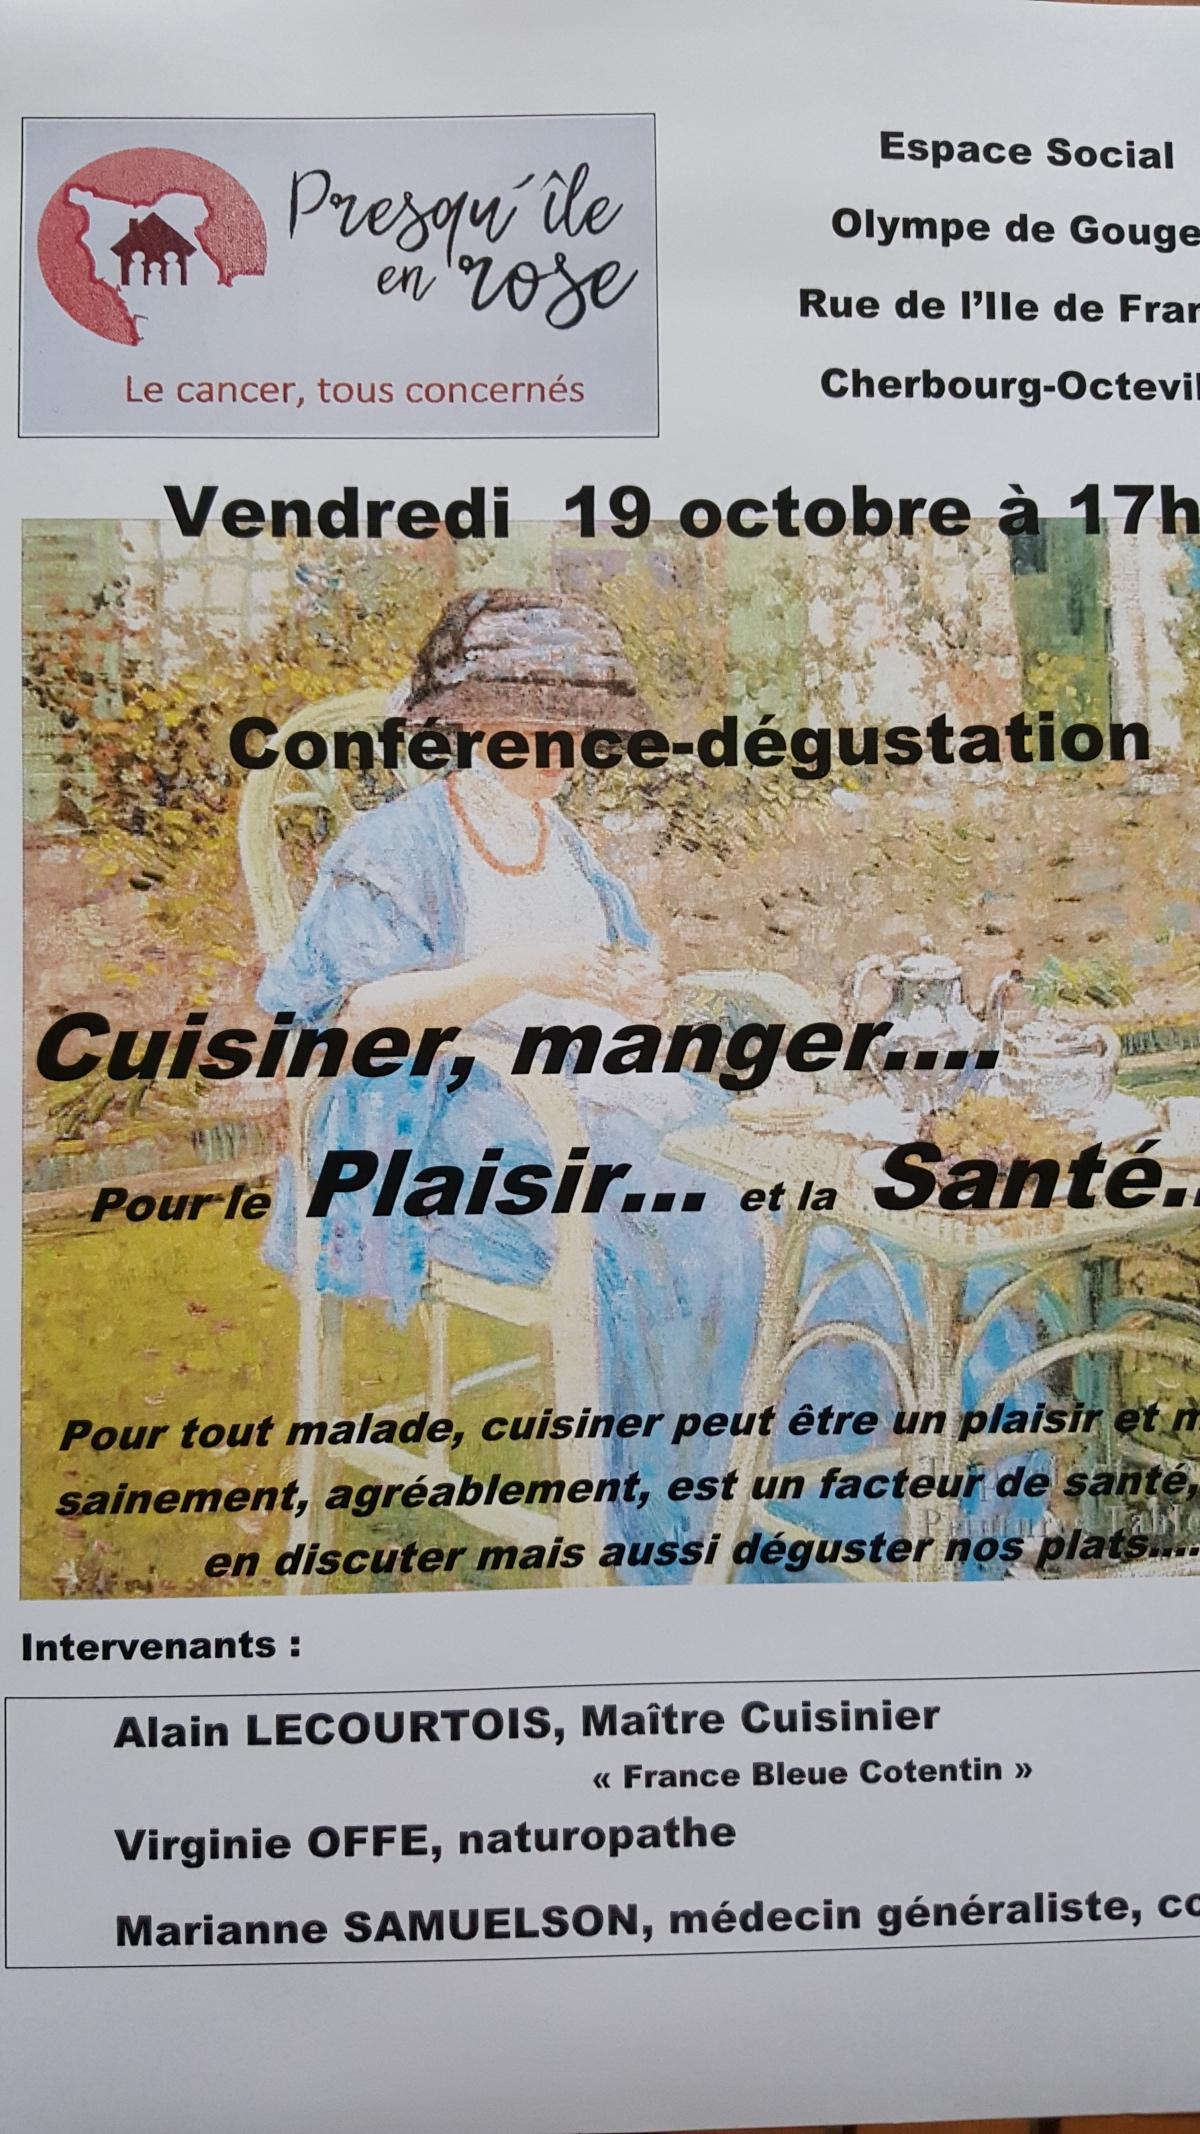 conference-degustation-2_1